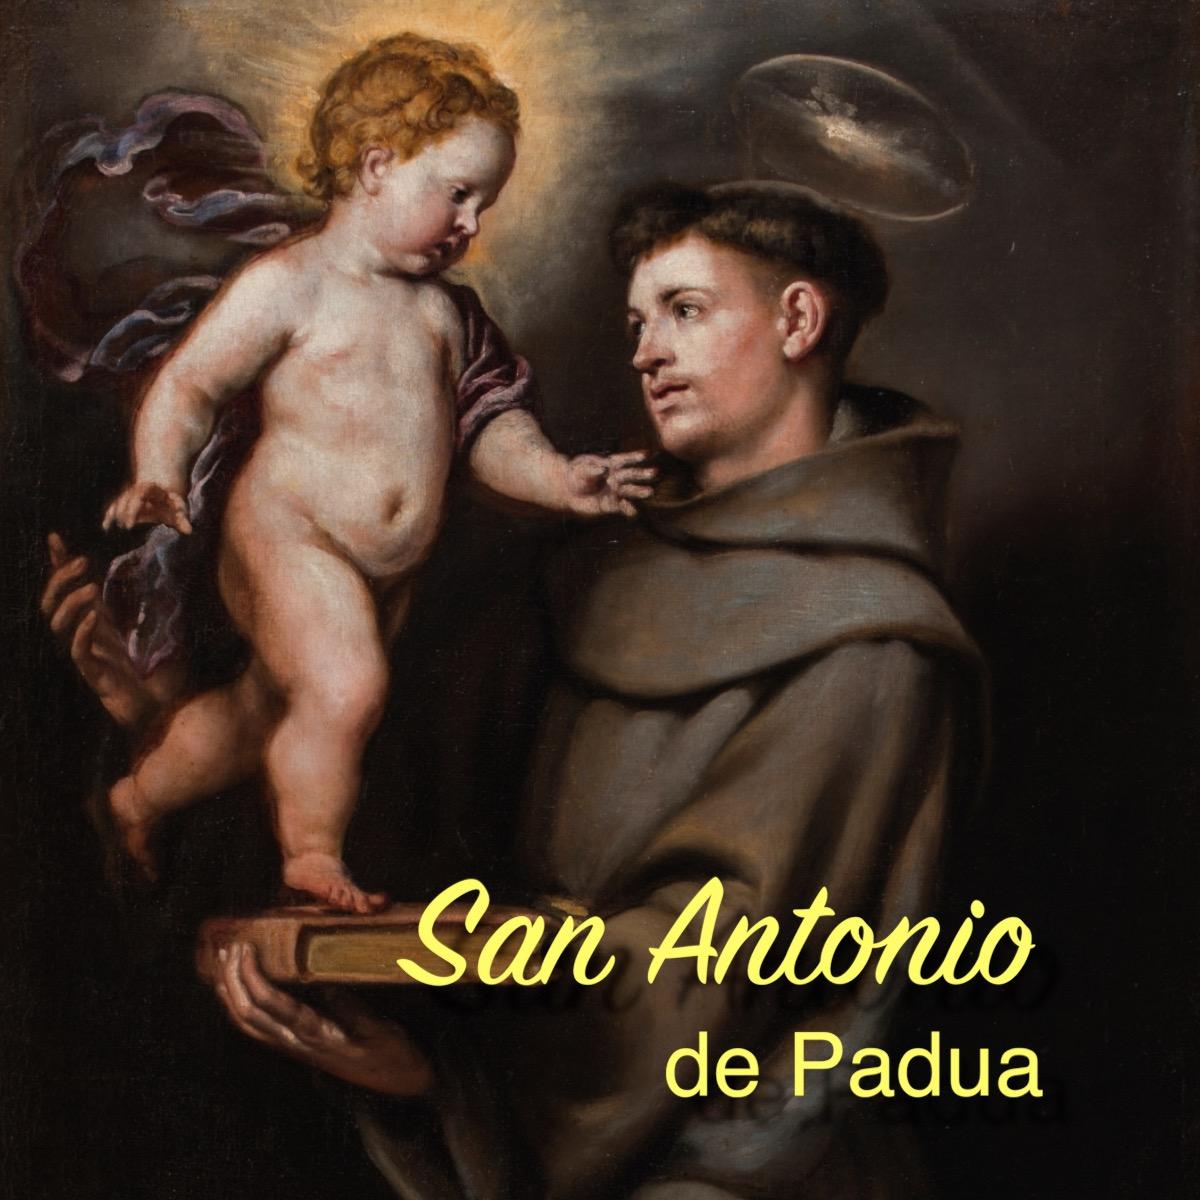 San Antonio de padua.jpg